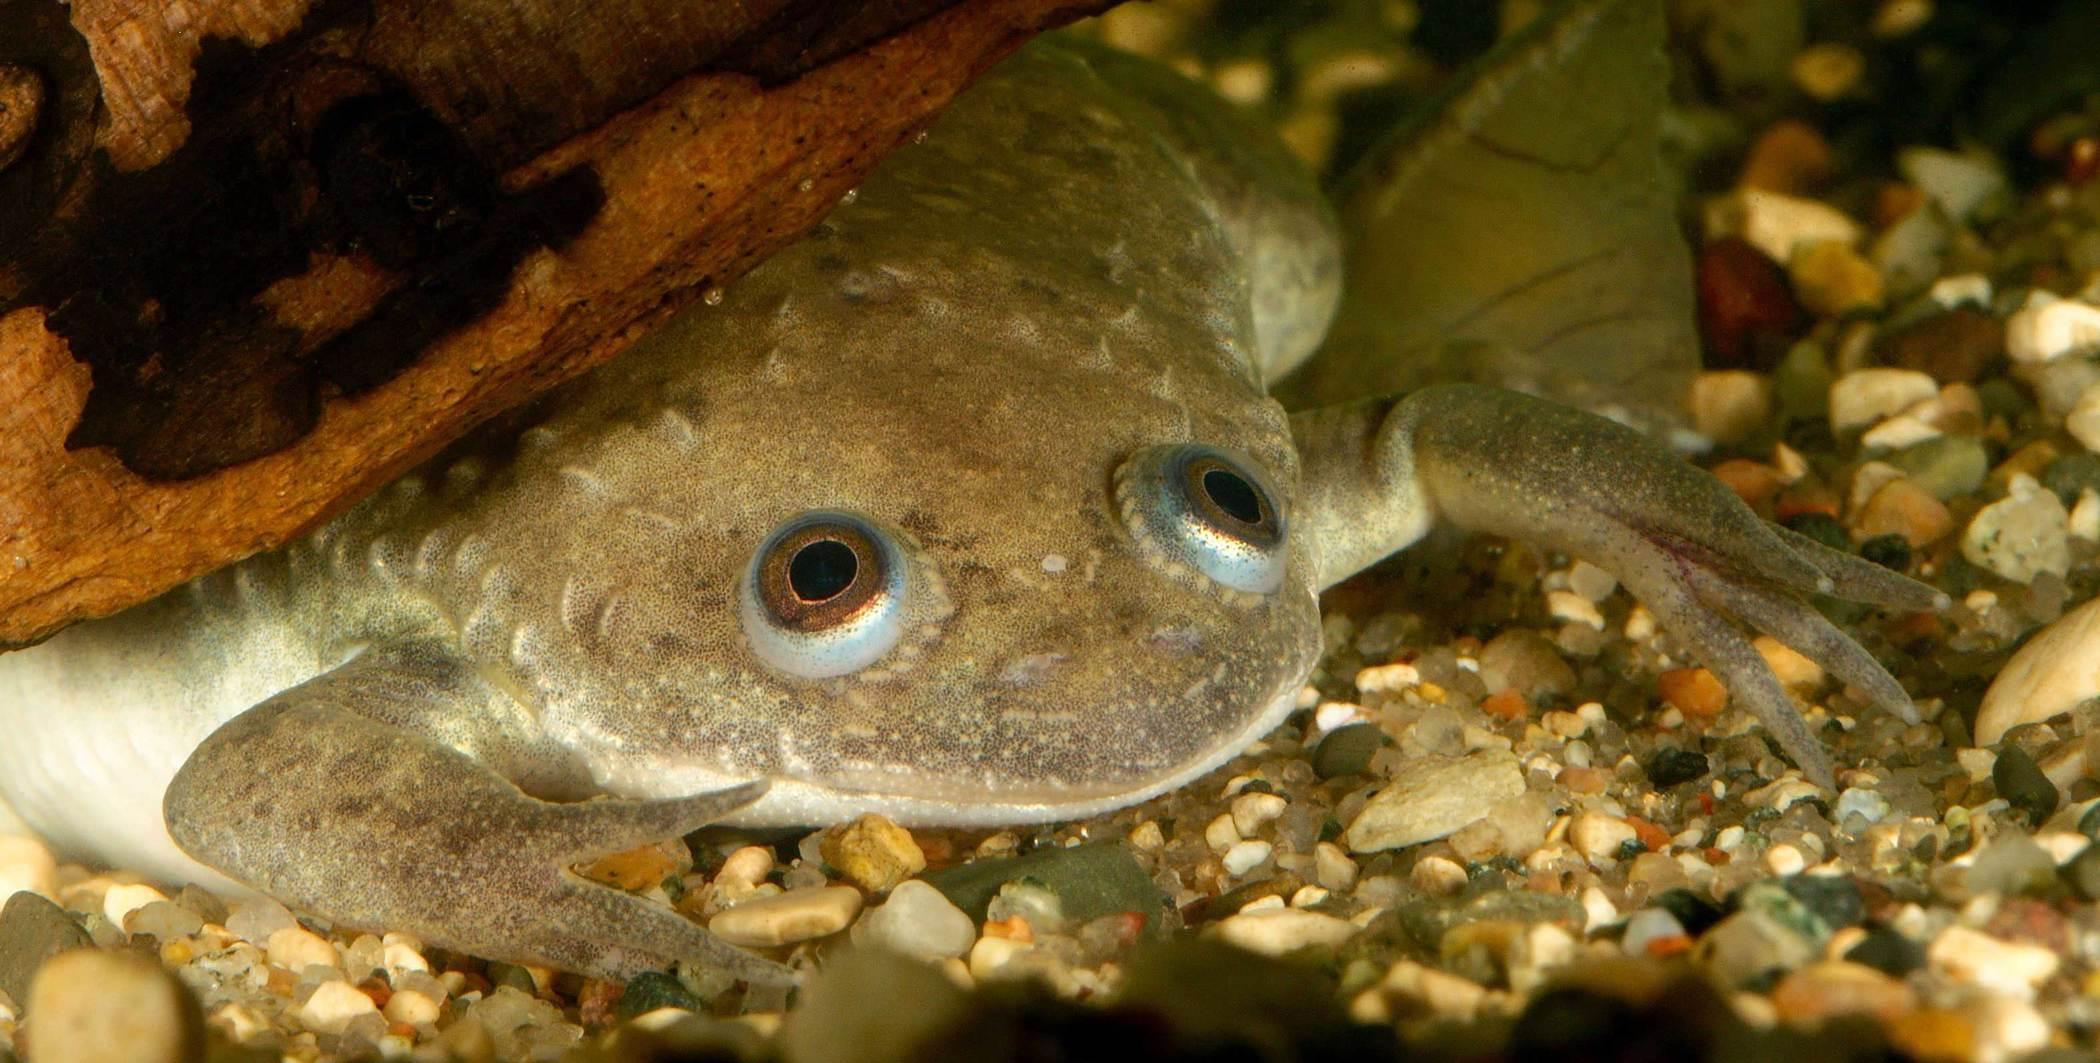 在验孕这件事上,青蛙曾比妇科专家更准确